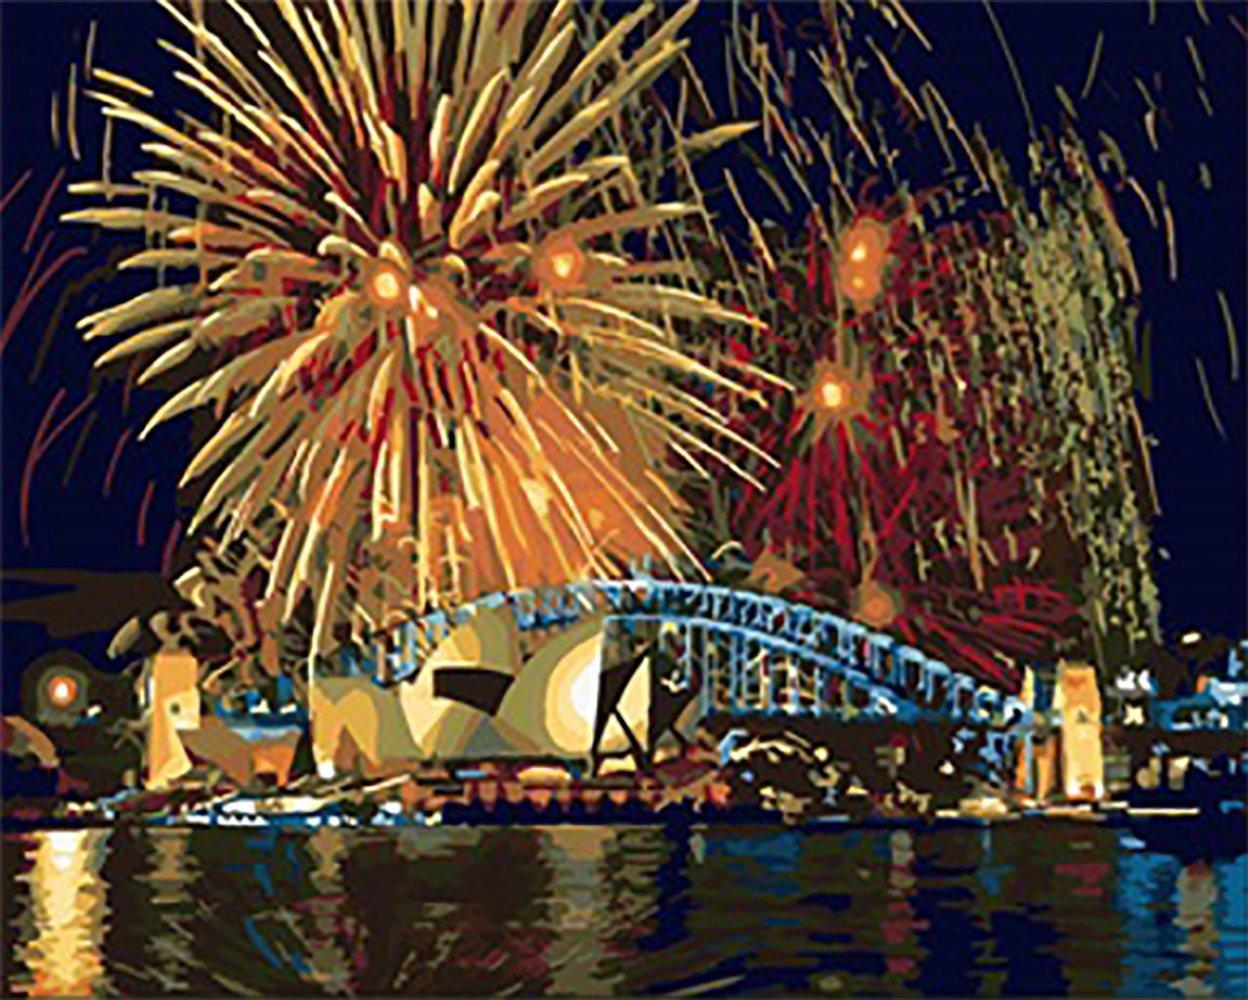 [木製フレーム] ALB 16インチ*20インチ、ナンバーで描くDIY絵画、有名絵画コレクション 3 ALB B01MZ4RFET Night view of Sydney Night view of Sydney